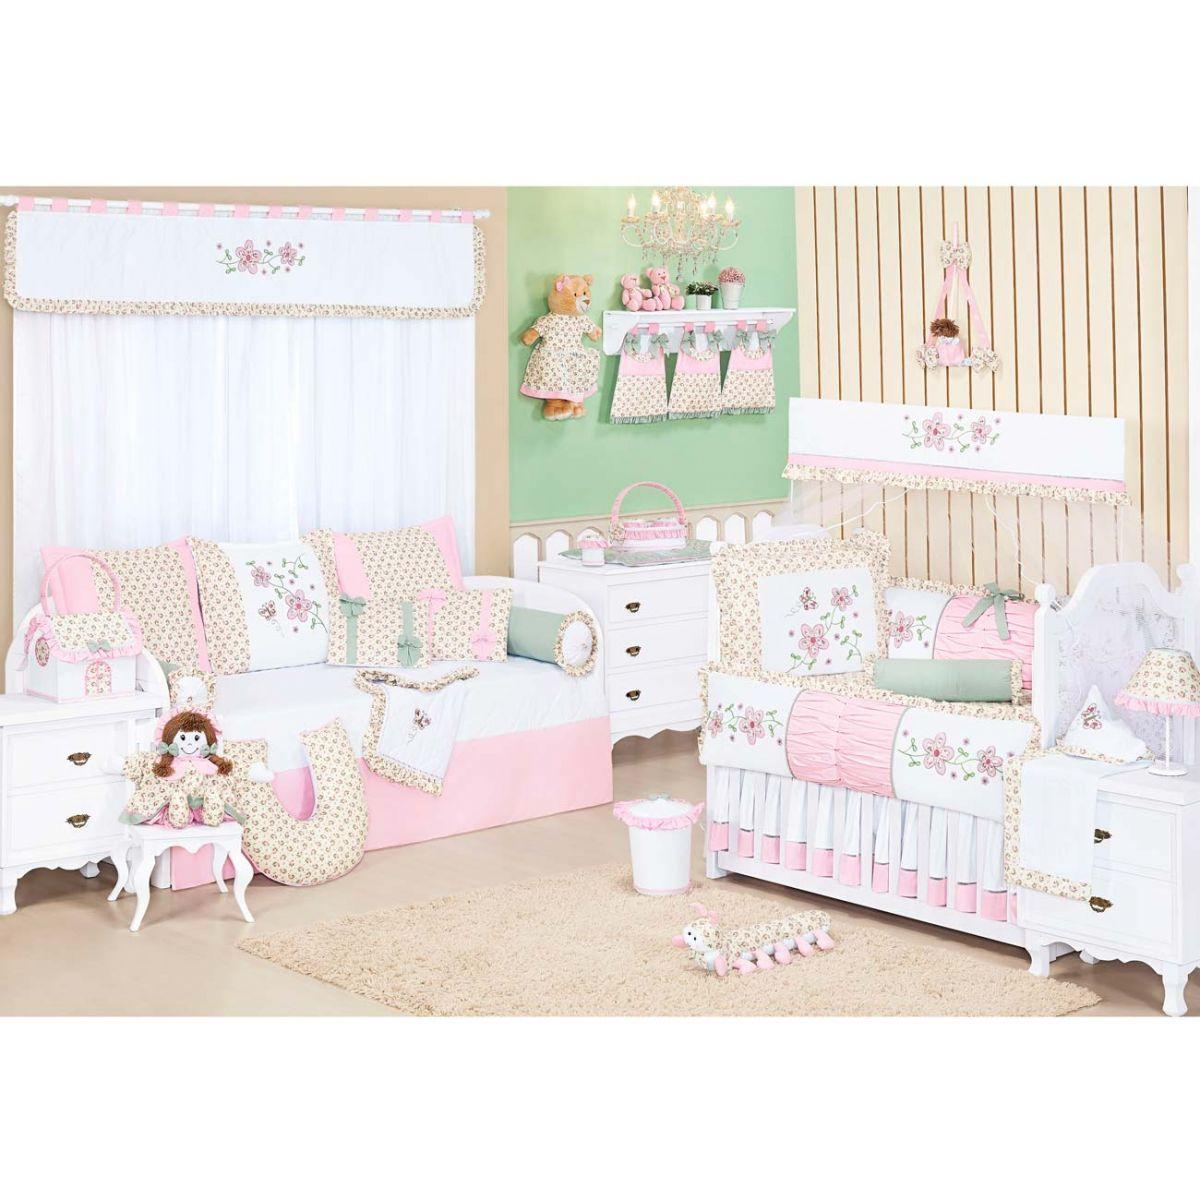 Porta Fraldas Ursa para Quarto de Bebê Coleção Baby Florence - Rosa